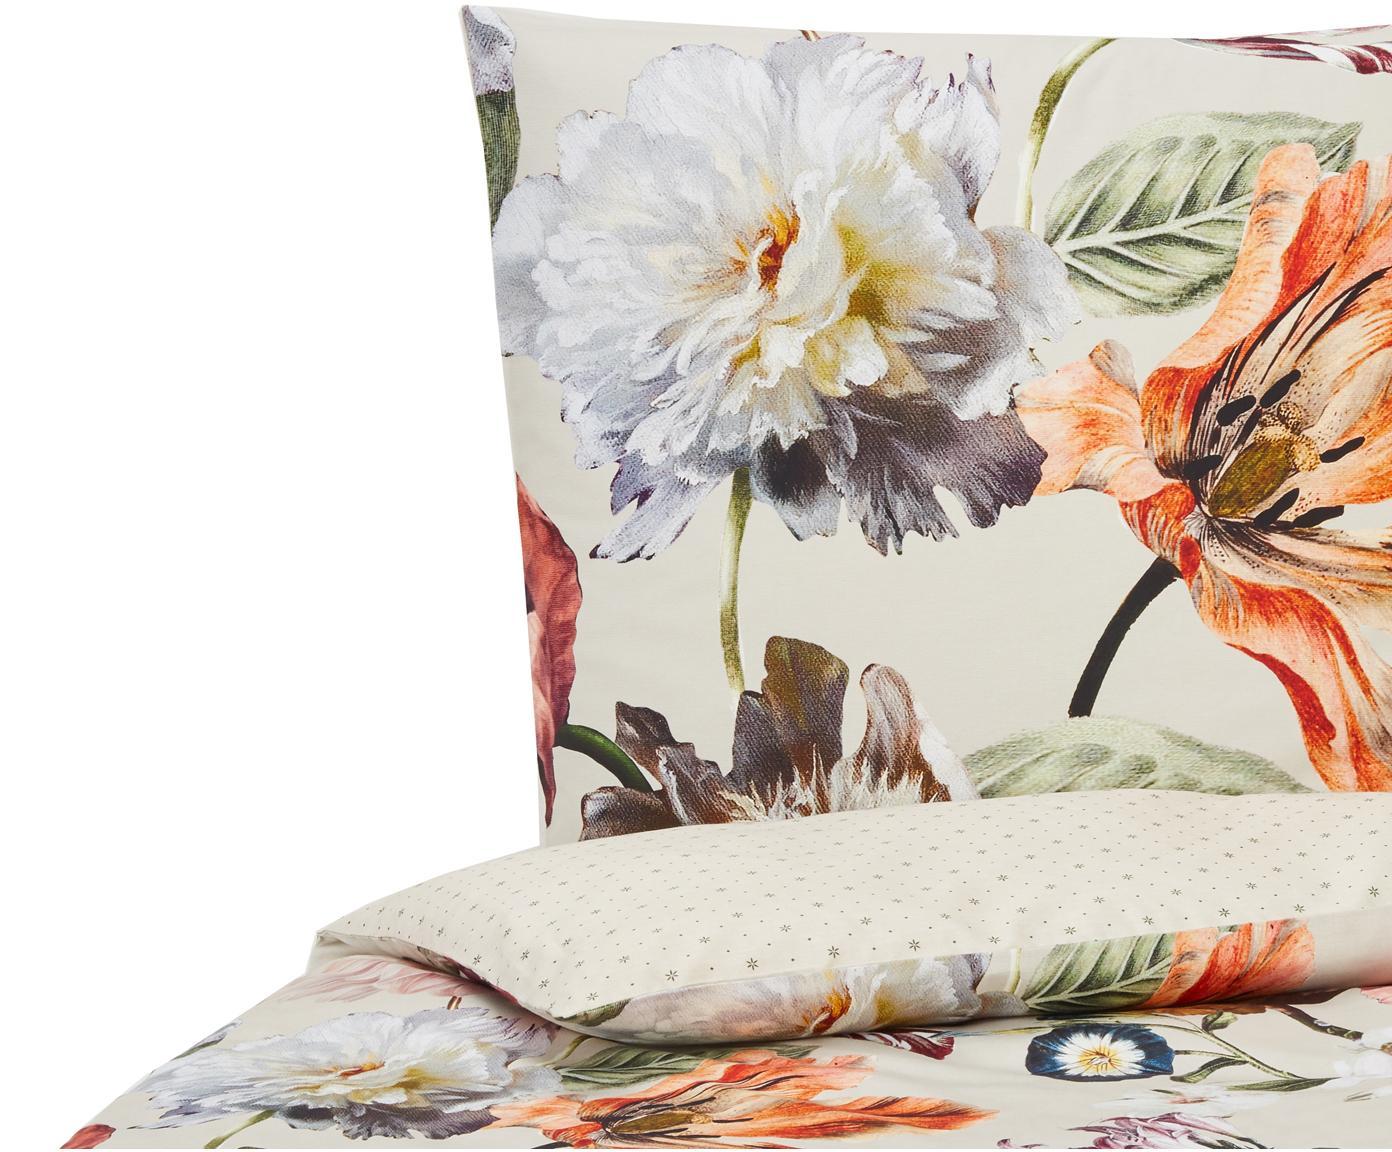 Baumwollsatin-Wendebettwäsche Filou mit Blumen-Muster, Webart: Satin Fadendichte 209 TC,, Sandfarben, Mehrfarbig, 135 x 200 cm + 1 Kissen 80 x 80 cm